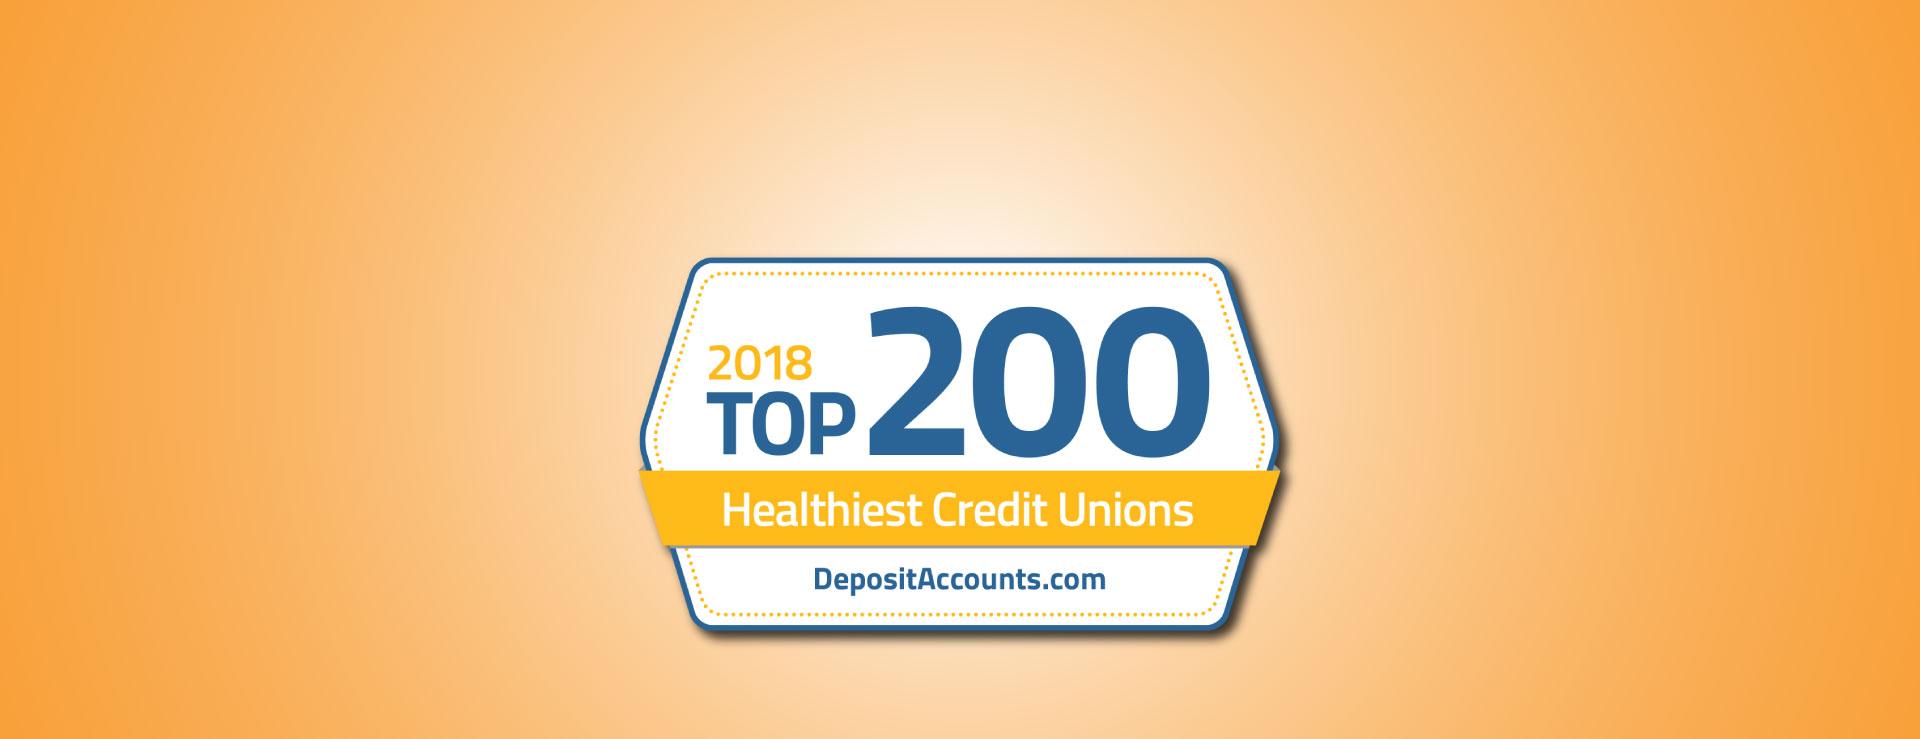 top-200-web-banner